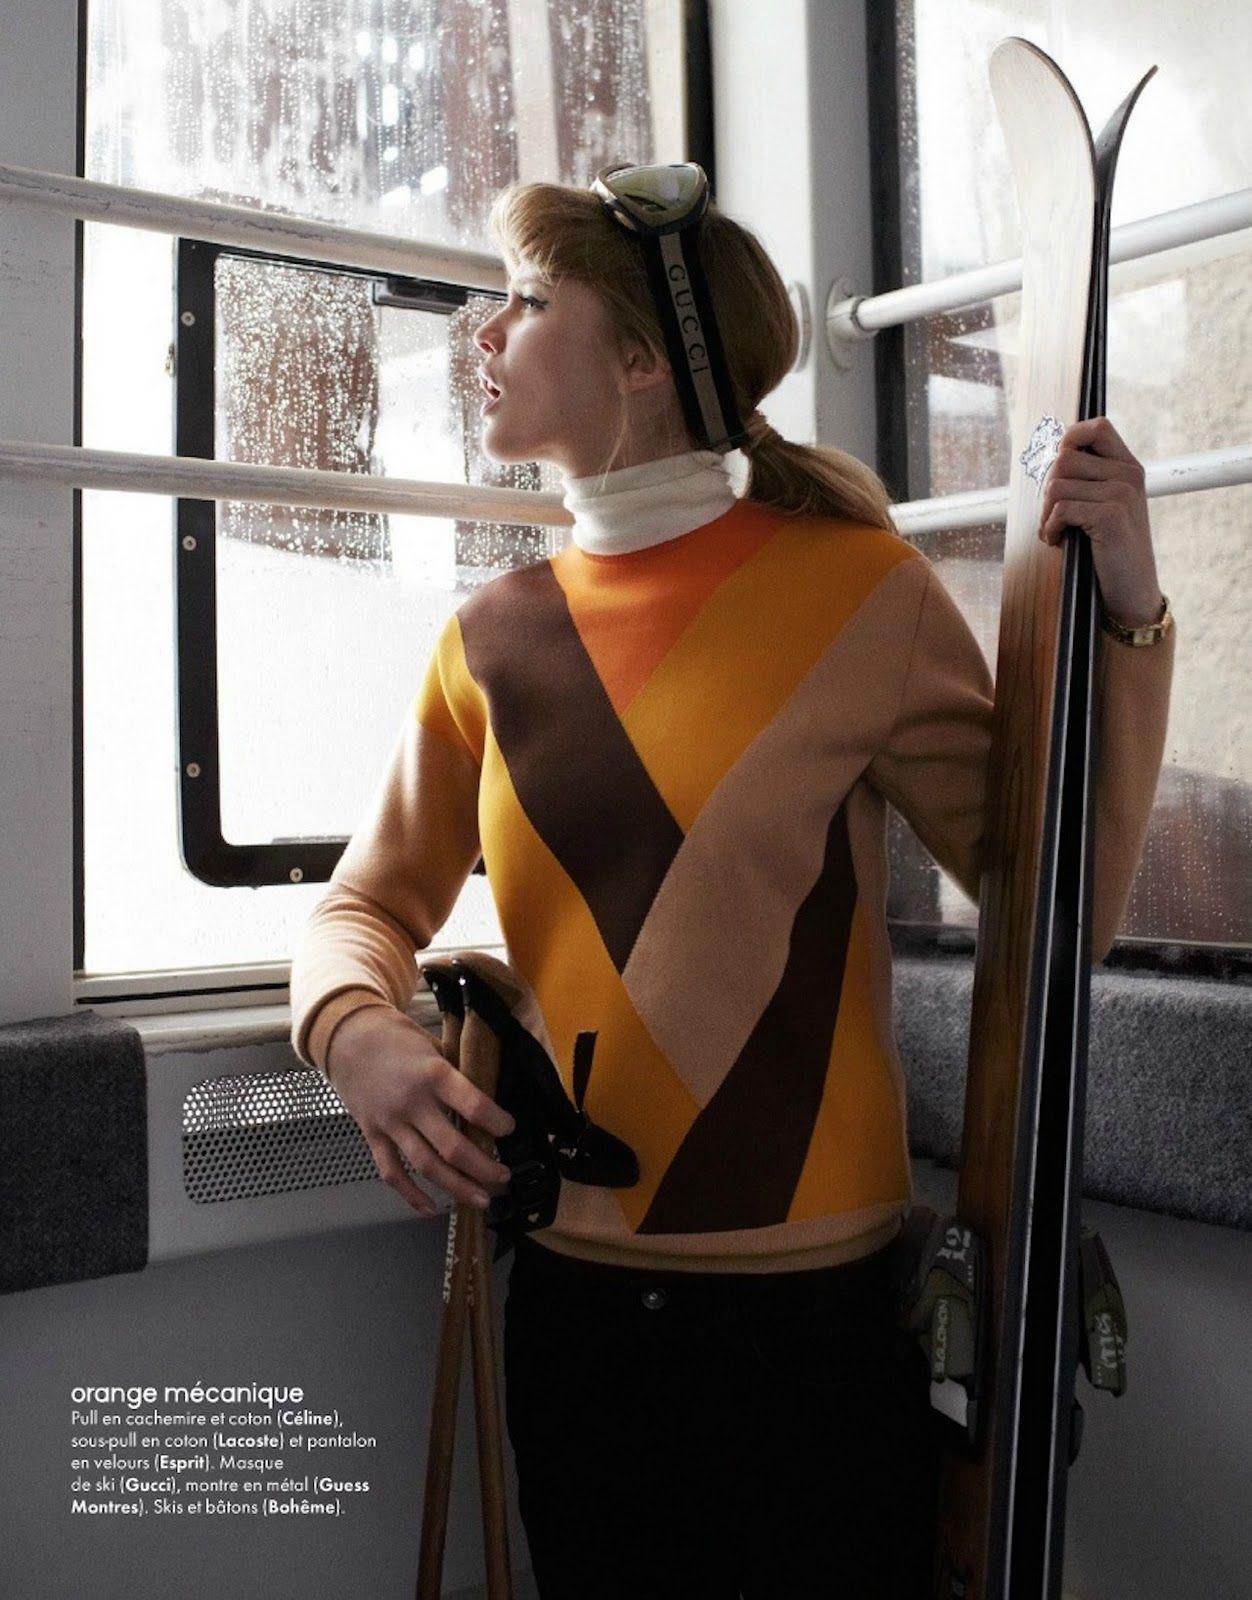 tout+ski+brille+hanna+wahmer+steen+sundland+elissa+cannelle+ ...